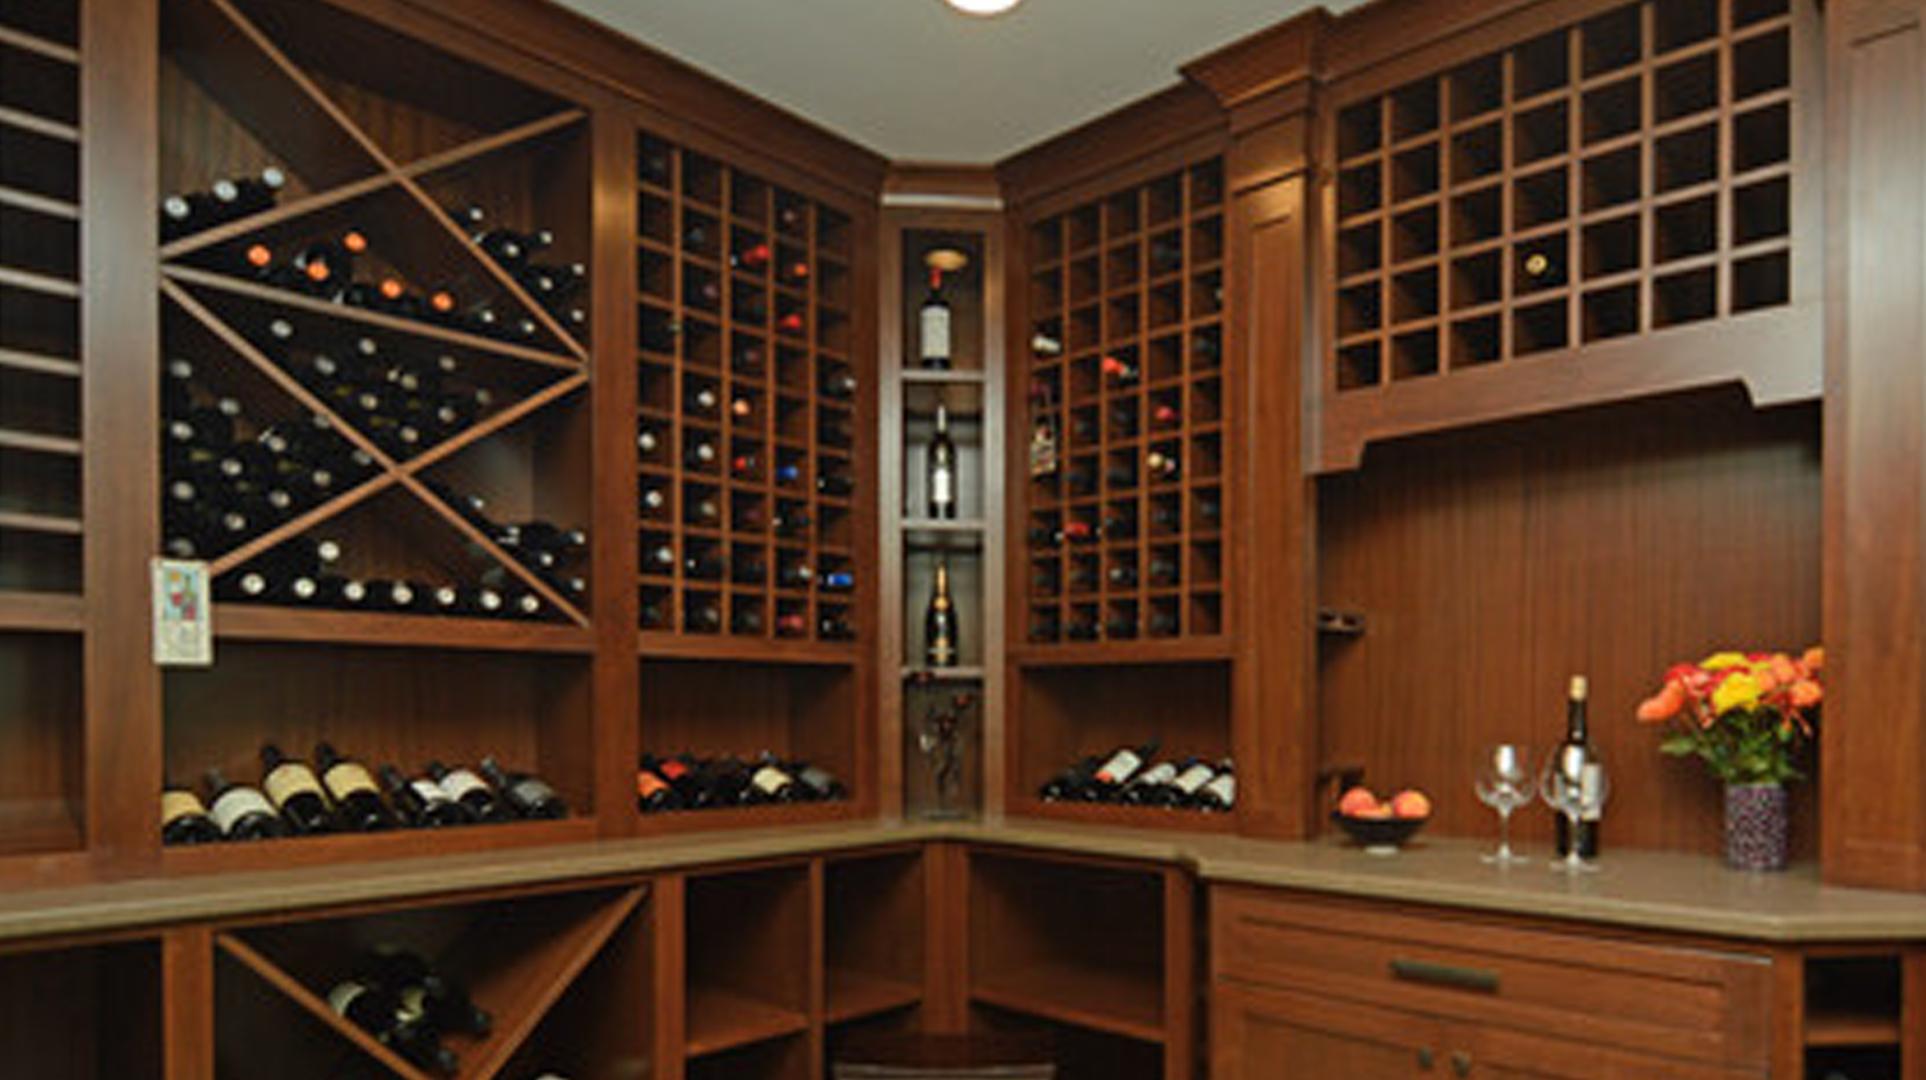 Muebles de bodega para vinos a medida y personalizados - Muebles para bodega ...